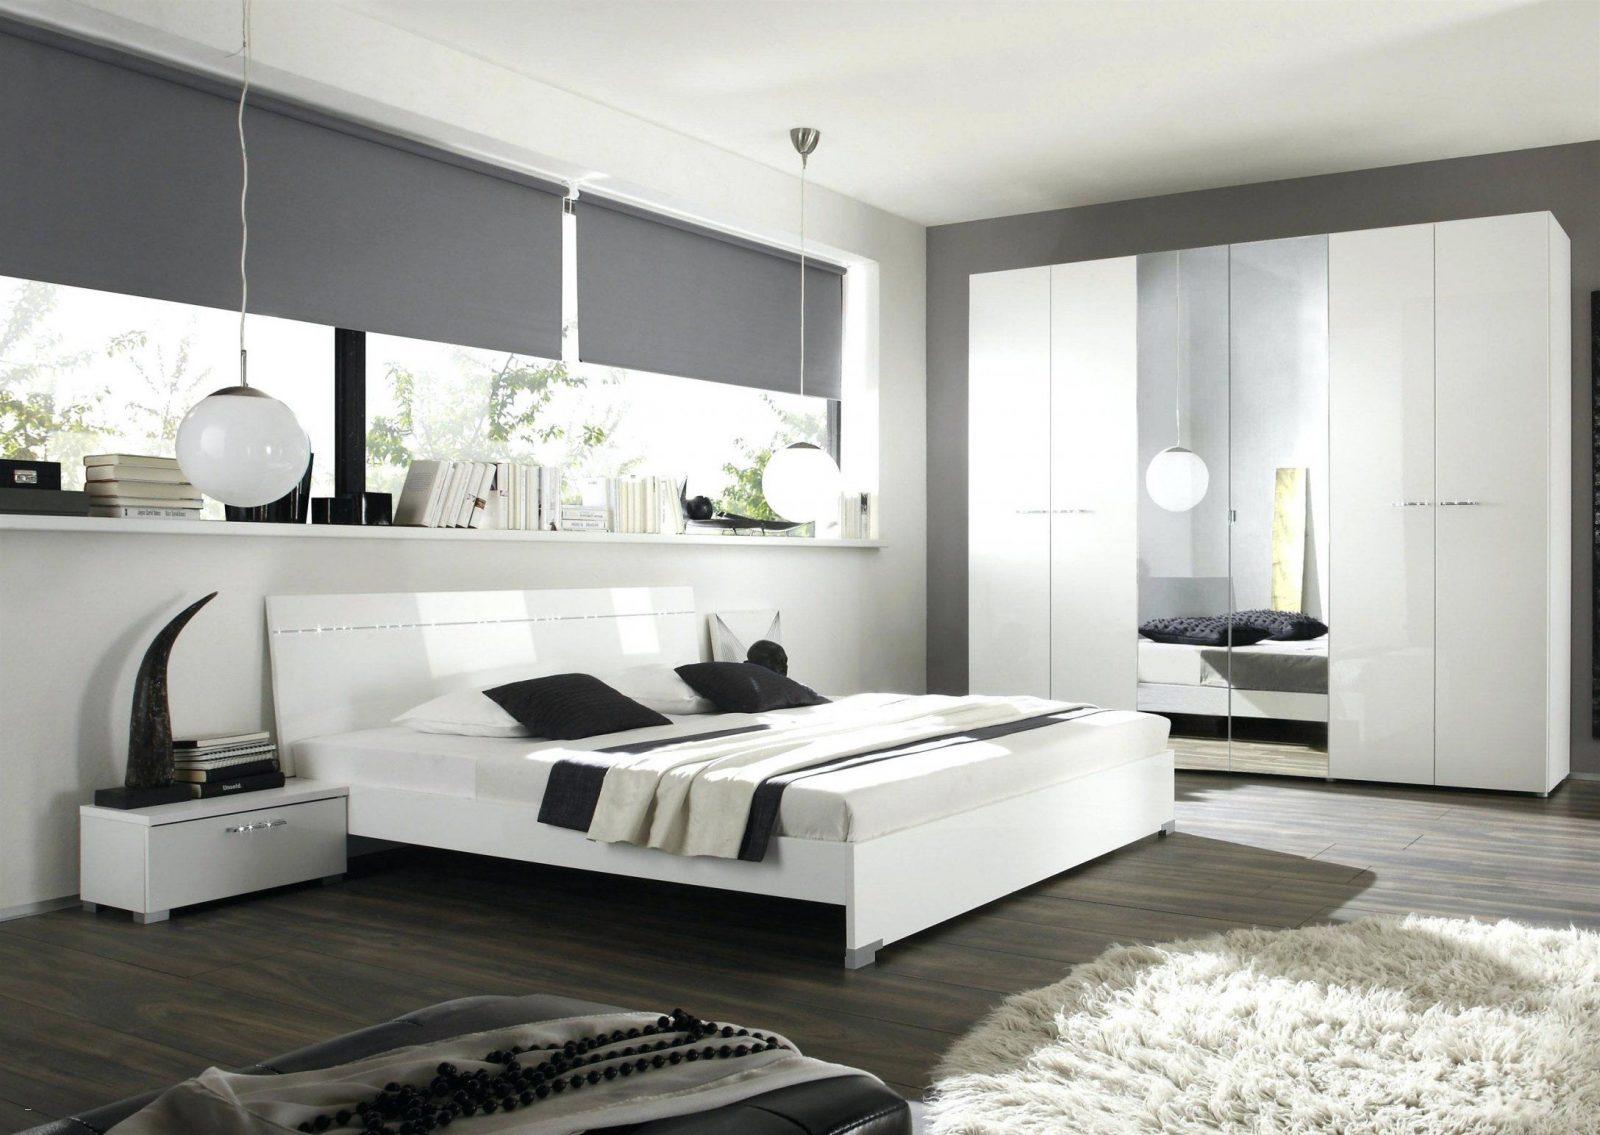 Wandgestaltung Schlafzimmer Selber Machen Elegant Dekoration Im von Wandgestaltung Schlafzimmer Selber Machen Photo